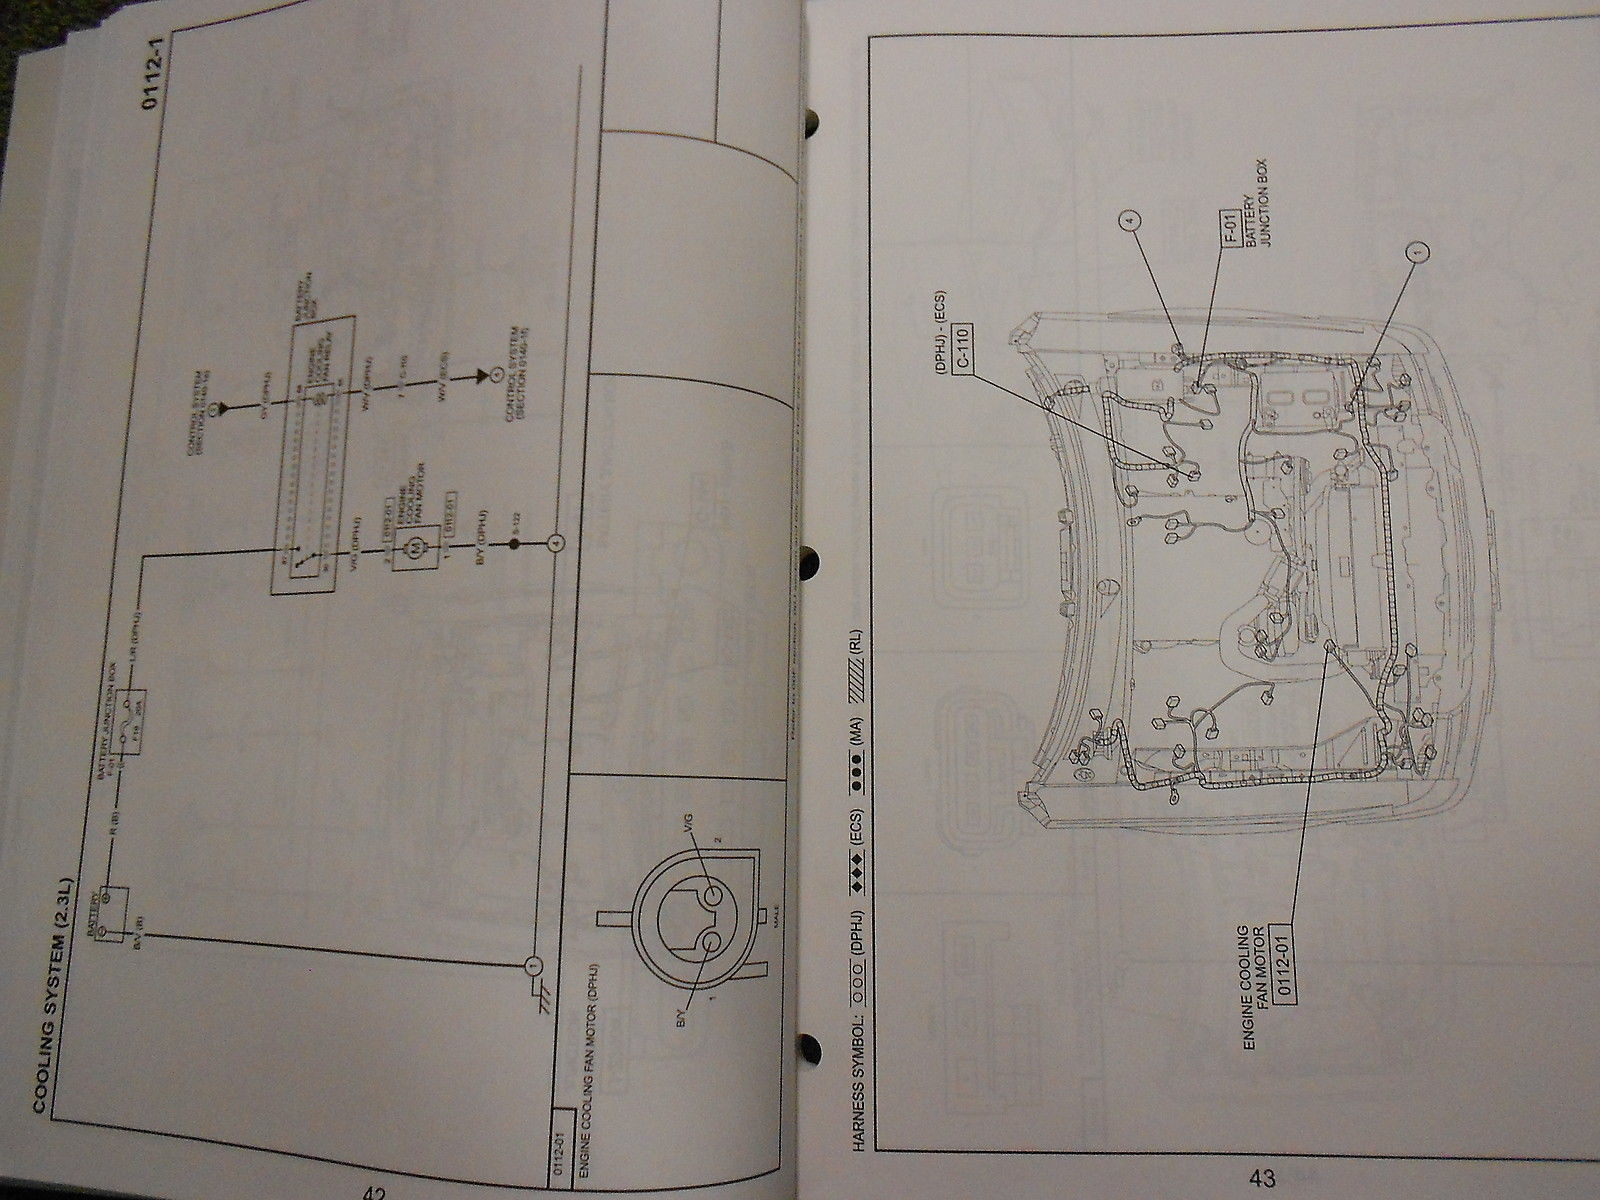 2007 Mazda B-Serie Truck Elektrisch Wiring Service Reparatur Shop Manuell